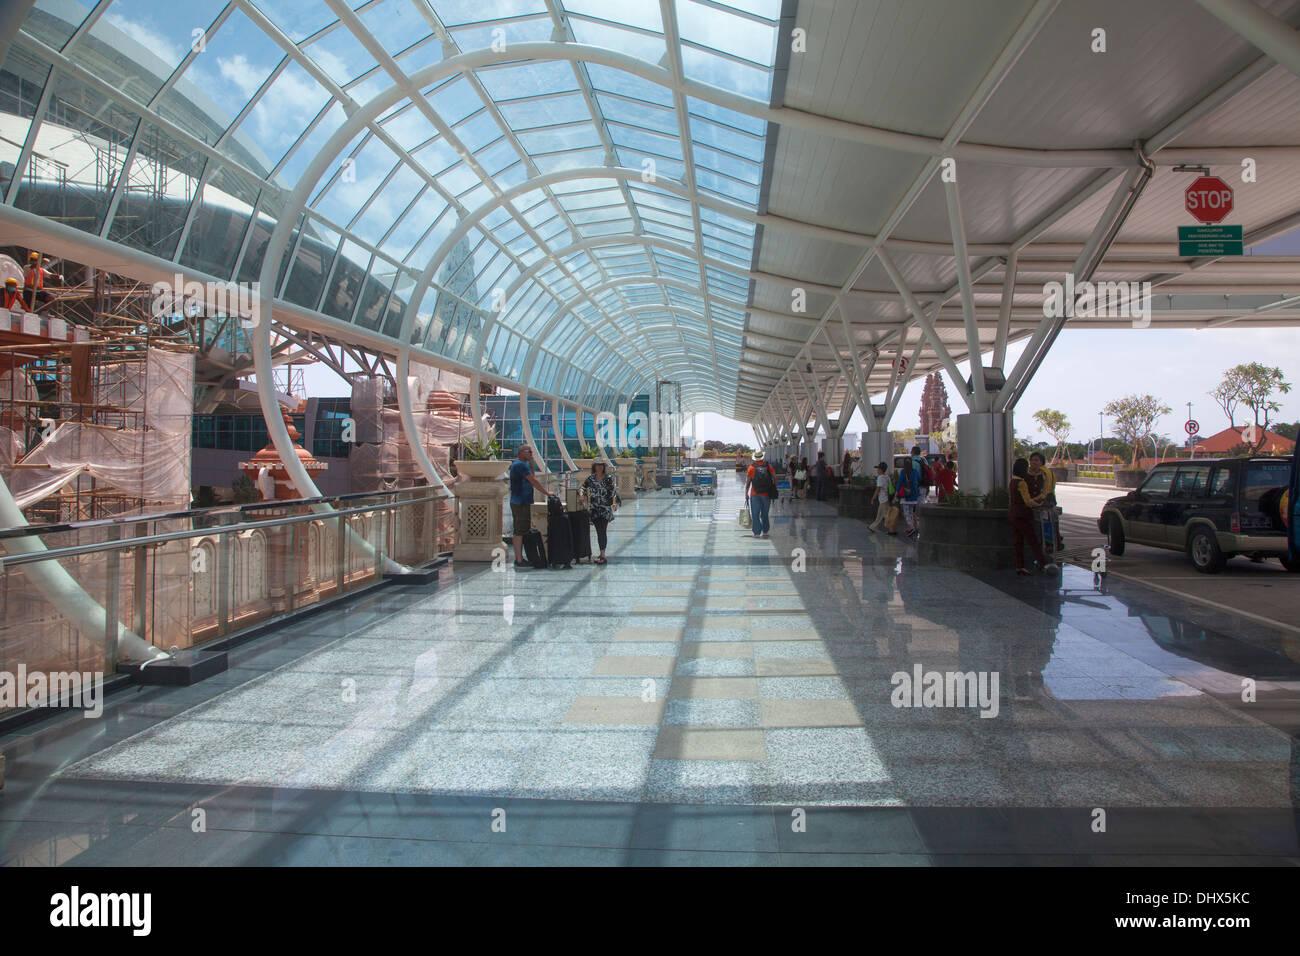 Aeroporto Denpasar : Airport denpasar bali terminal ngurah asia indonesia